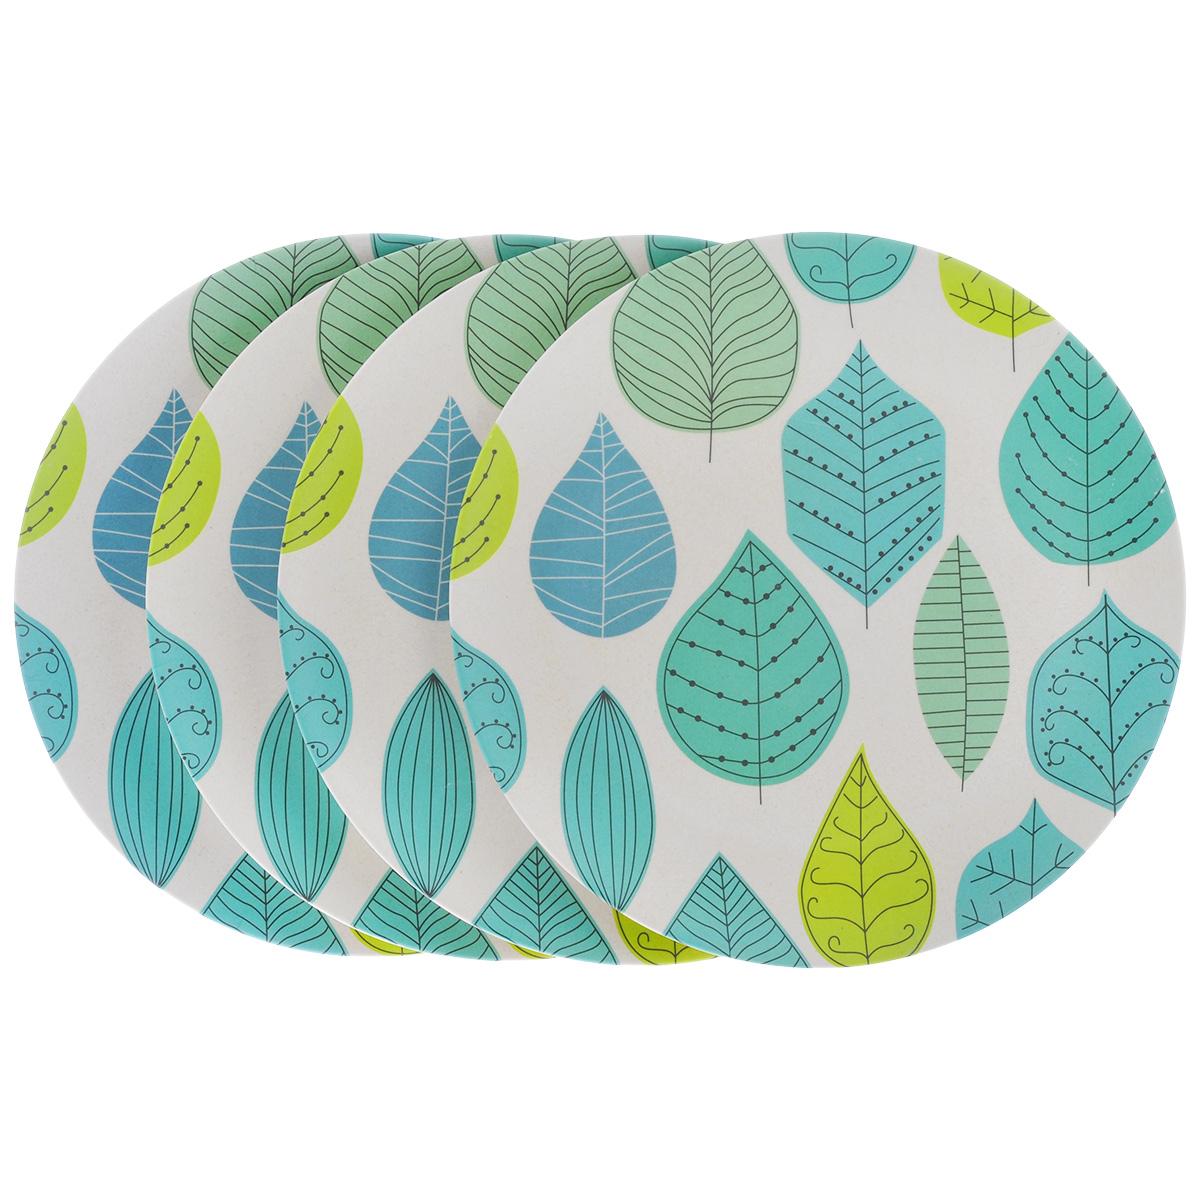 Набор обеденных тарелок EcoWoo Листья, диаметр 25,5 см, 4 шт2004163U-4Набор EcoWoo Листья состоит из 4 обеденных тарелок для вторых блюд, выполненных из экологически чистого бамбукового волокна. Такие тарелки имеют неоспоримые преимущества по сравнению с тарелками из других материалов. Они безопасные для здоровья и окружающей среды, биоразлагаемые, небьющиеся. Стильный дизайн прекрасно впишется в интерьер современной кухни. Можно мыть в посудомоечной машине. Не рекомендуется использовать в СВЧ. Диаметр тарелки: 25,5 см.